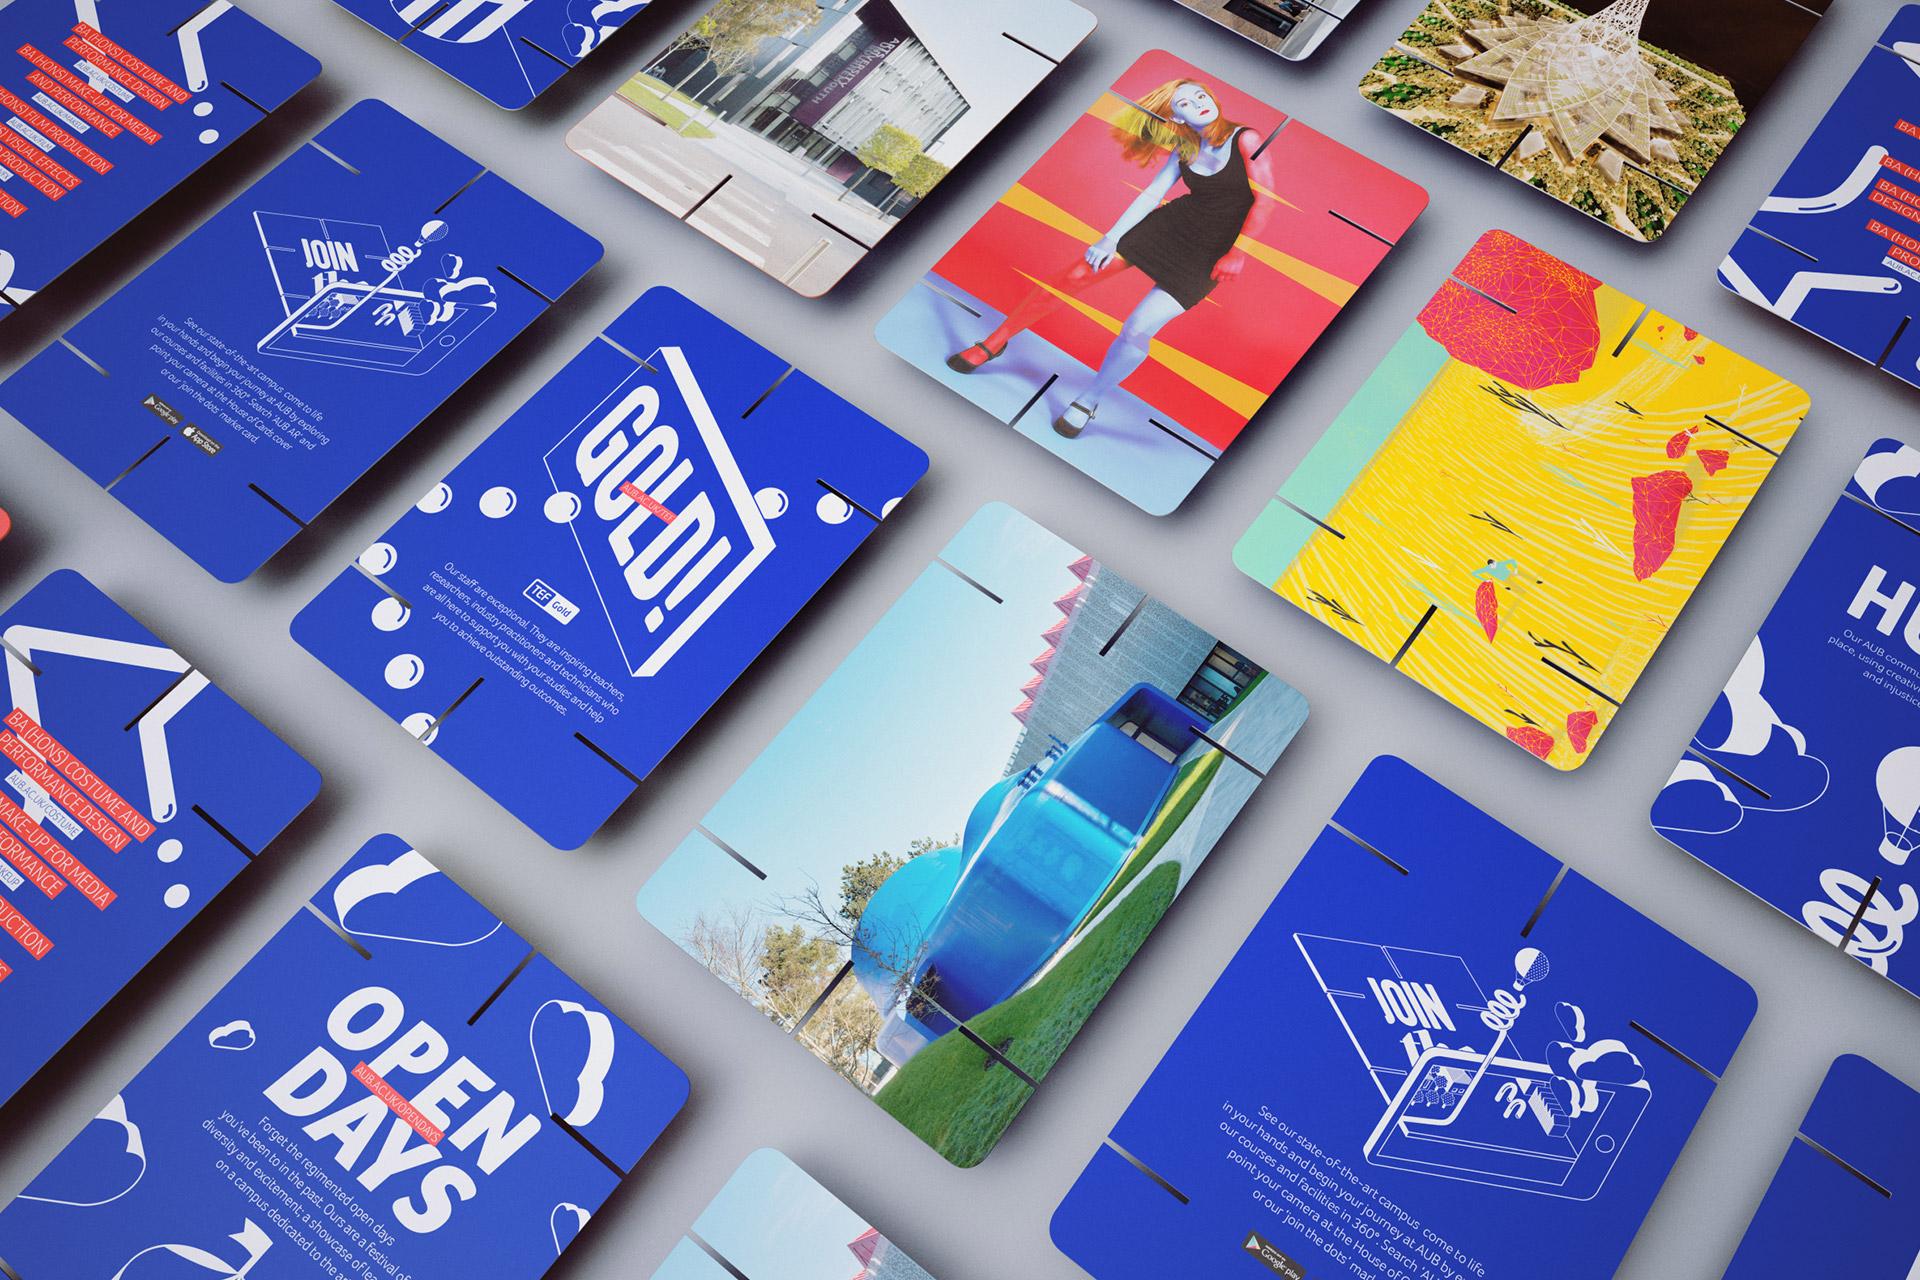 arts-university-bournemouth-cgi-visualisation-04